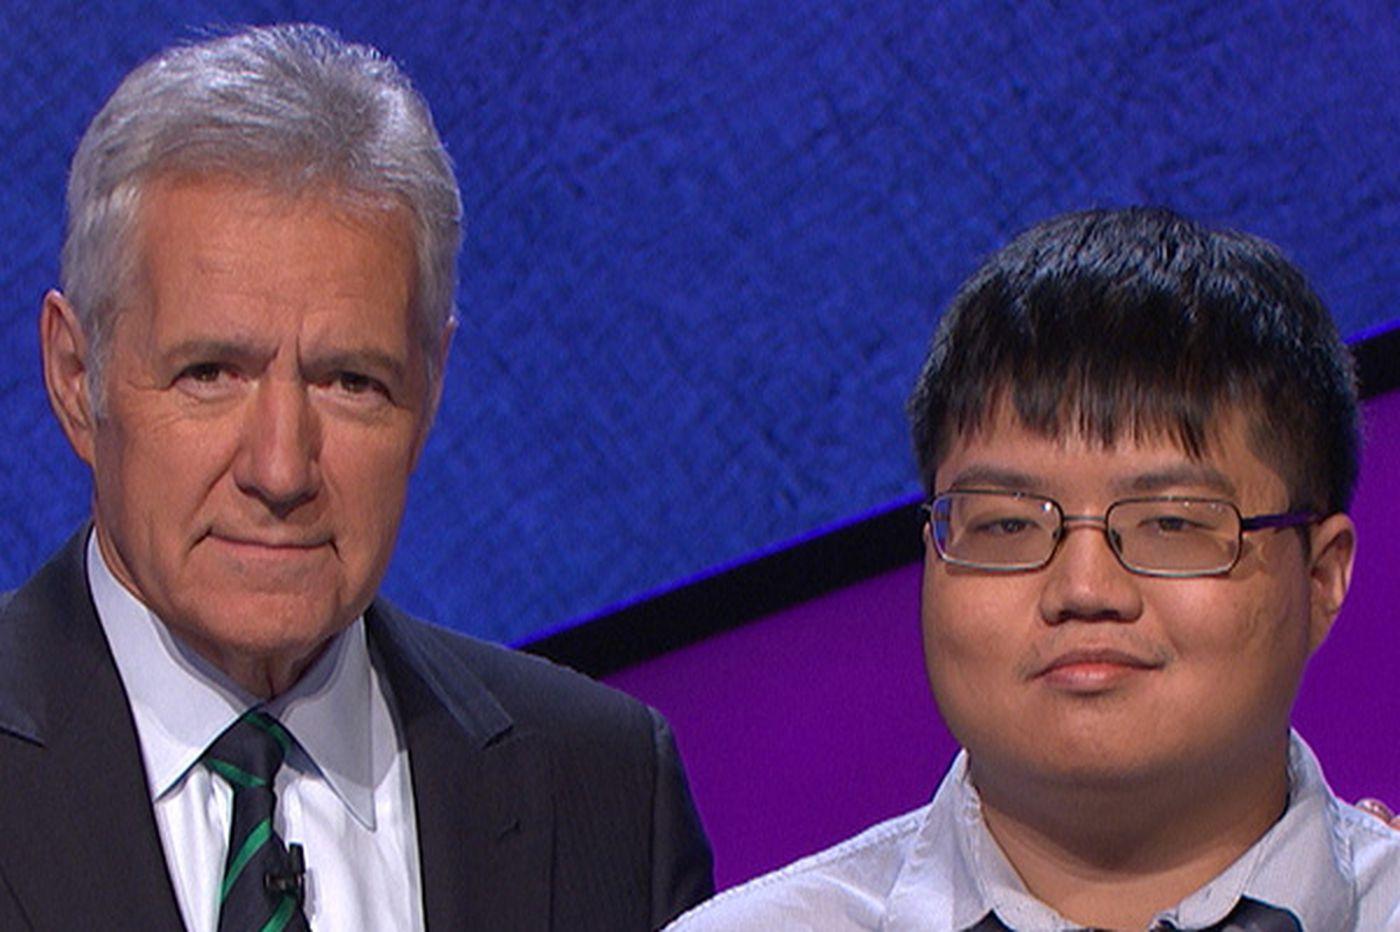 'Jeopardy!' tie game makes Arthur Chu a hero?